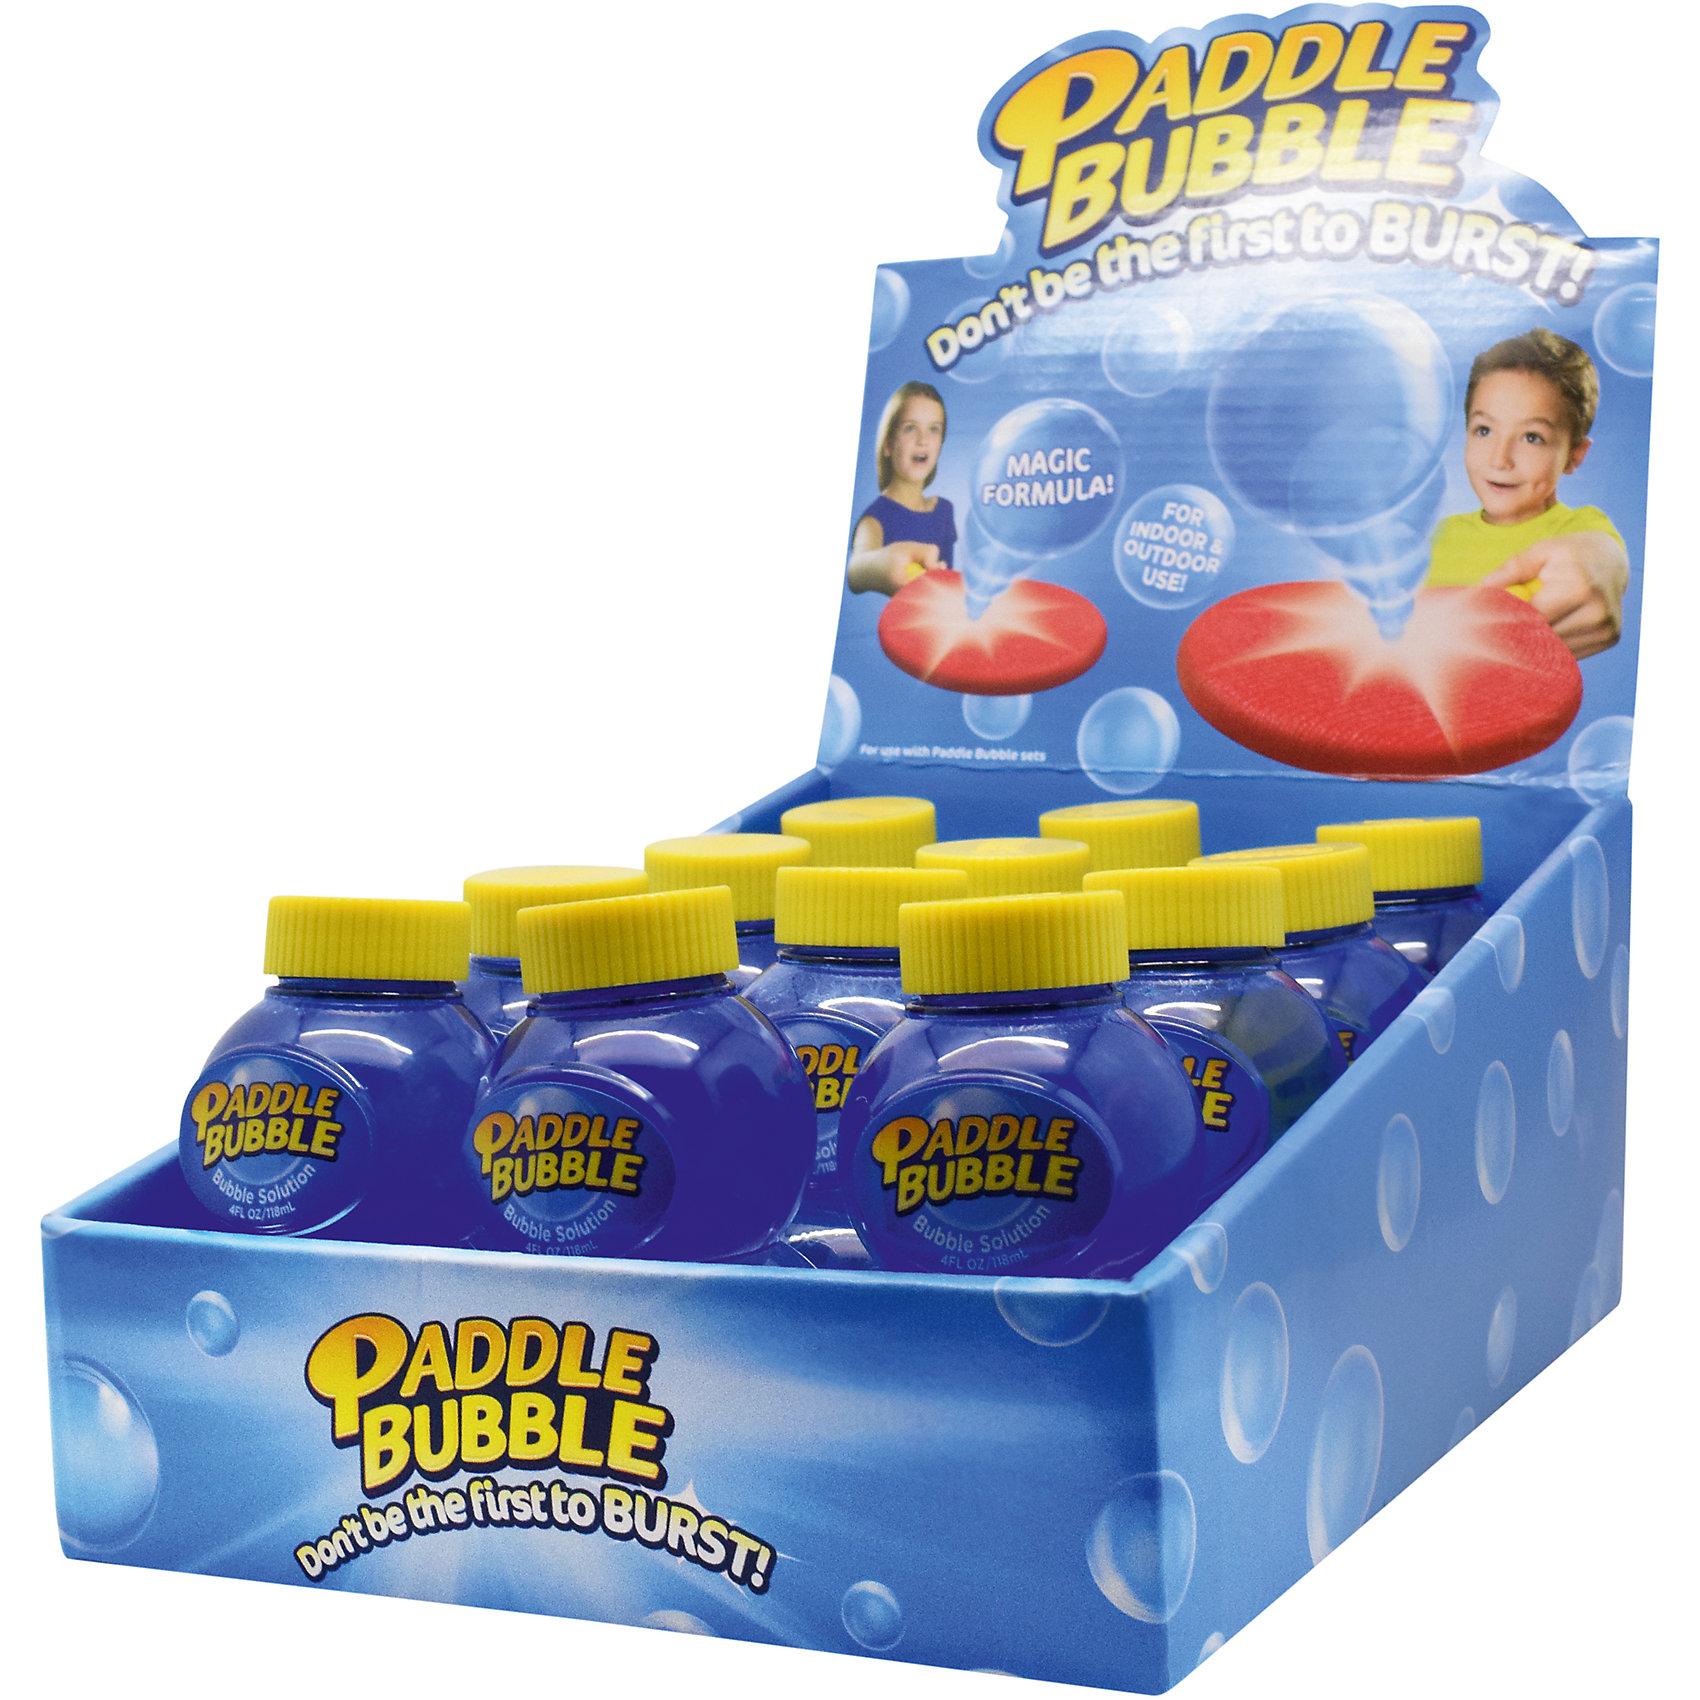 Бутылочка с мыльным раствором, 120 мл, Paddle BubbleМыльные пузыри<br>Характеристики:<br><br>• Материал: пластик, мыльный раствор<br>• Дополнительная бутылочка с мыльным раствором, 120 мл<br>• Размеры (Д*Ш*В): 5*9*5 см<br>• Вес: 156 г<br>• Упаковка: блистер на картонной подложке<br><br>Paddle Bubble Бутылочка с мыльным раствором, 120 мл – это дополнение к игровому набору, производителем которого является мировой бренд TPF Toys, выпускающий игры и игрушки с героями Disney. Мыльный раствор имеет уникальный химический состав, который обеспечивает пузырям упругость и плотность, при этом не вызывает аллергии и раздражения при попадании на кожу. <br><br>Paddle Bubble Бутылочка с мыльным раствором, 120 мл можно купить в нашем интернет-магазине.<br><br>Ширина мм: 50<br>Глубина мм: 90<br>Высота мм: 50<br>Вес г: 156<br>Возраст от месяцев: 48<br>Возраст до месяцев: 2147483647<br>Пол: Унисекс<br>Возраст: Детский<br>SKU: 5487514